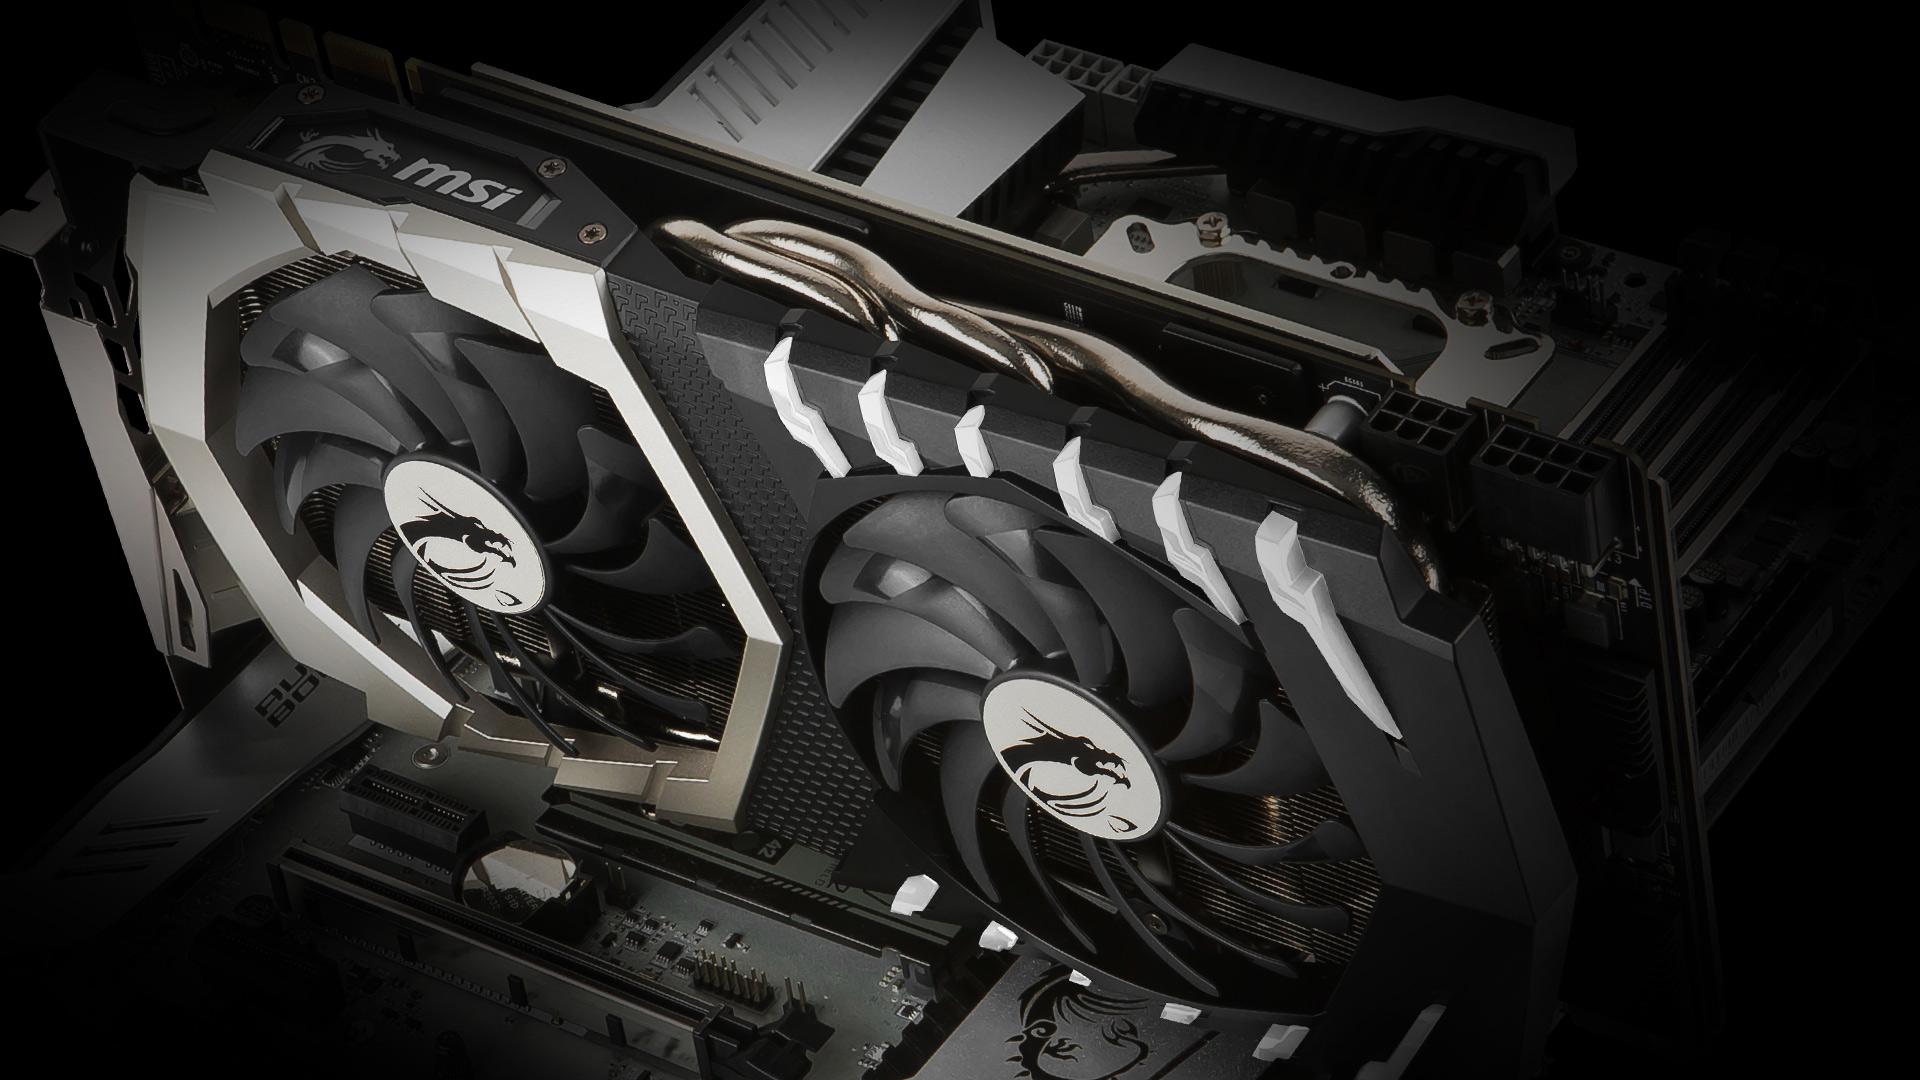 MSI Gaming GeForce GTX 1070 Ti Titanium 256-Bit 8GB GDDR5 VR, DirectX 12 SLI